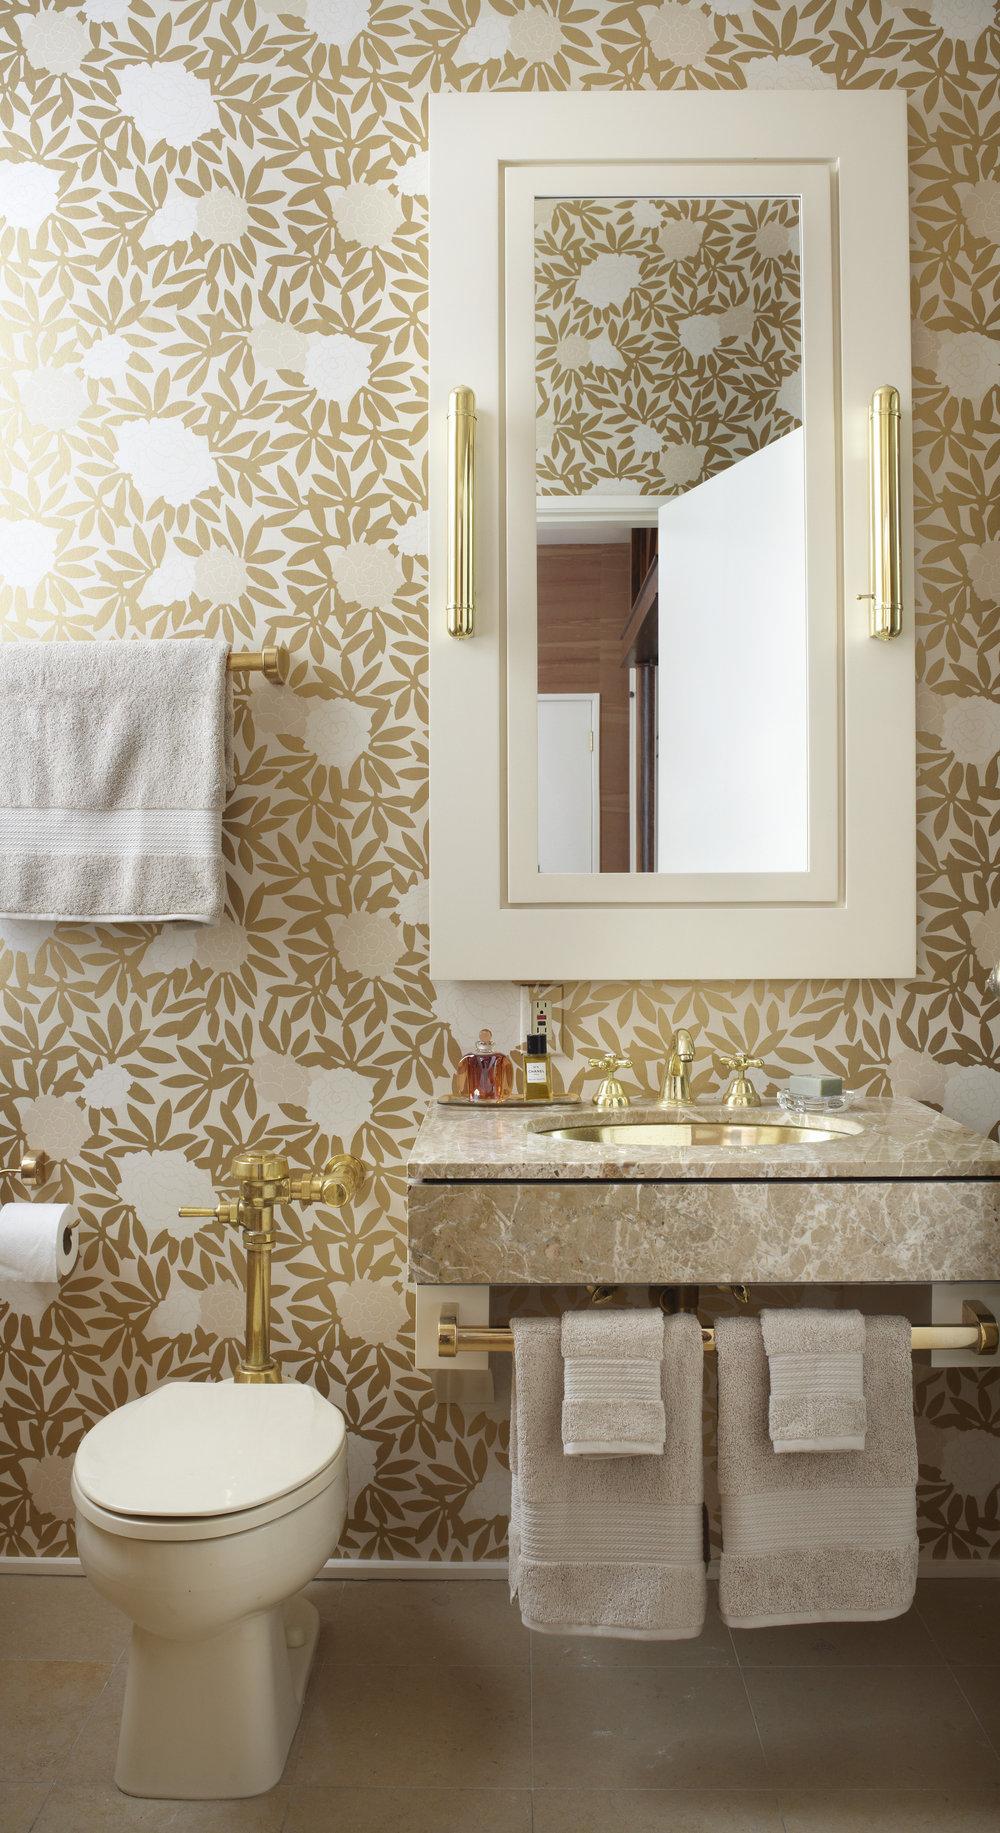 wallpaper-powderroom-0516.jpg